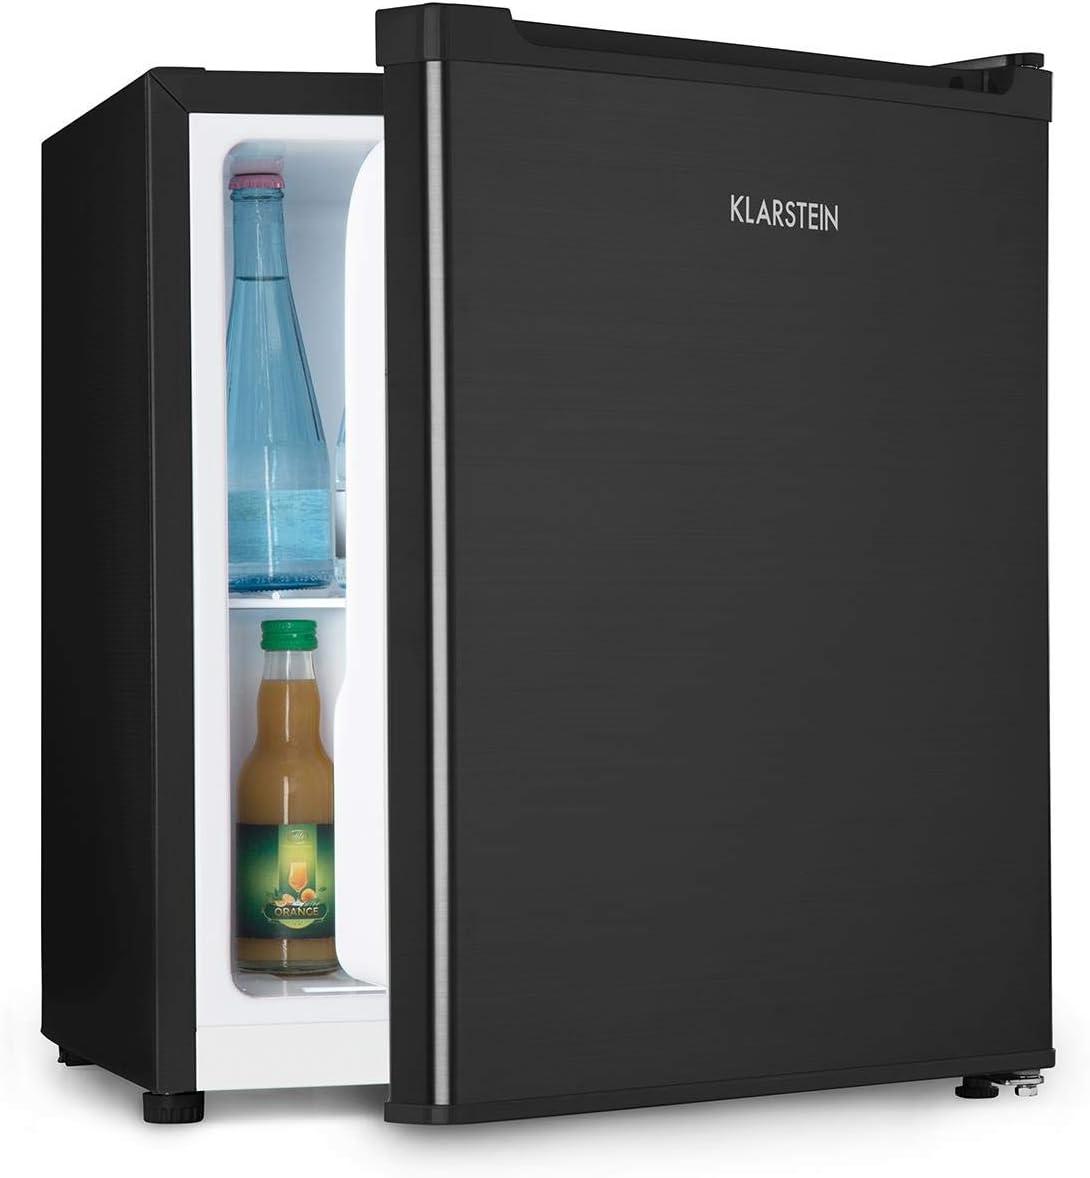 Klarstein Snoopy Eco • Mininevera con congelador • 46 litros de capacidad • Congelador de 4 litros de capacidad • 41 dB • Silencioso • Bajo consumo • Negro